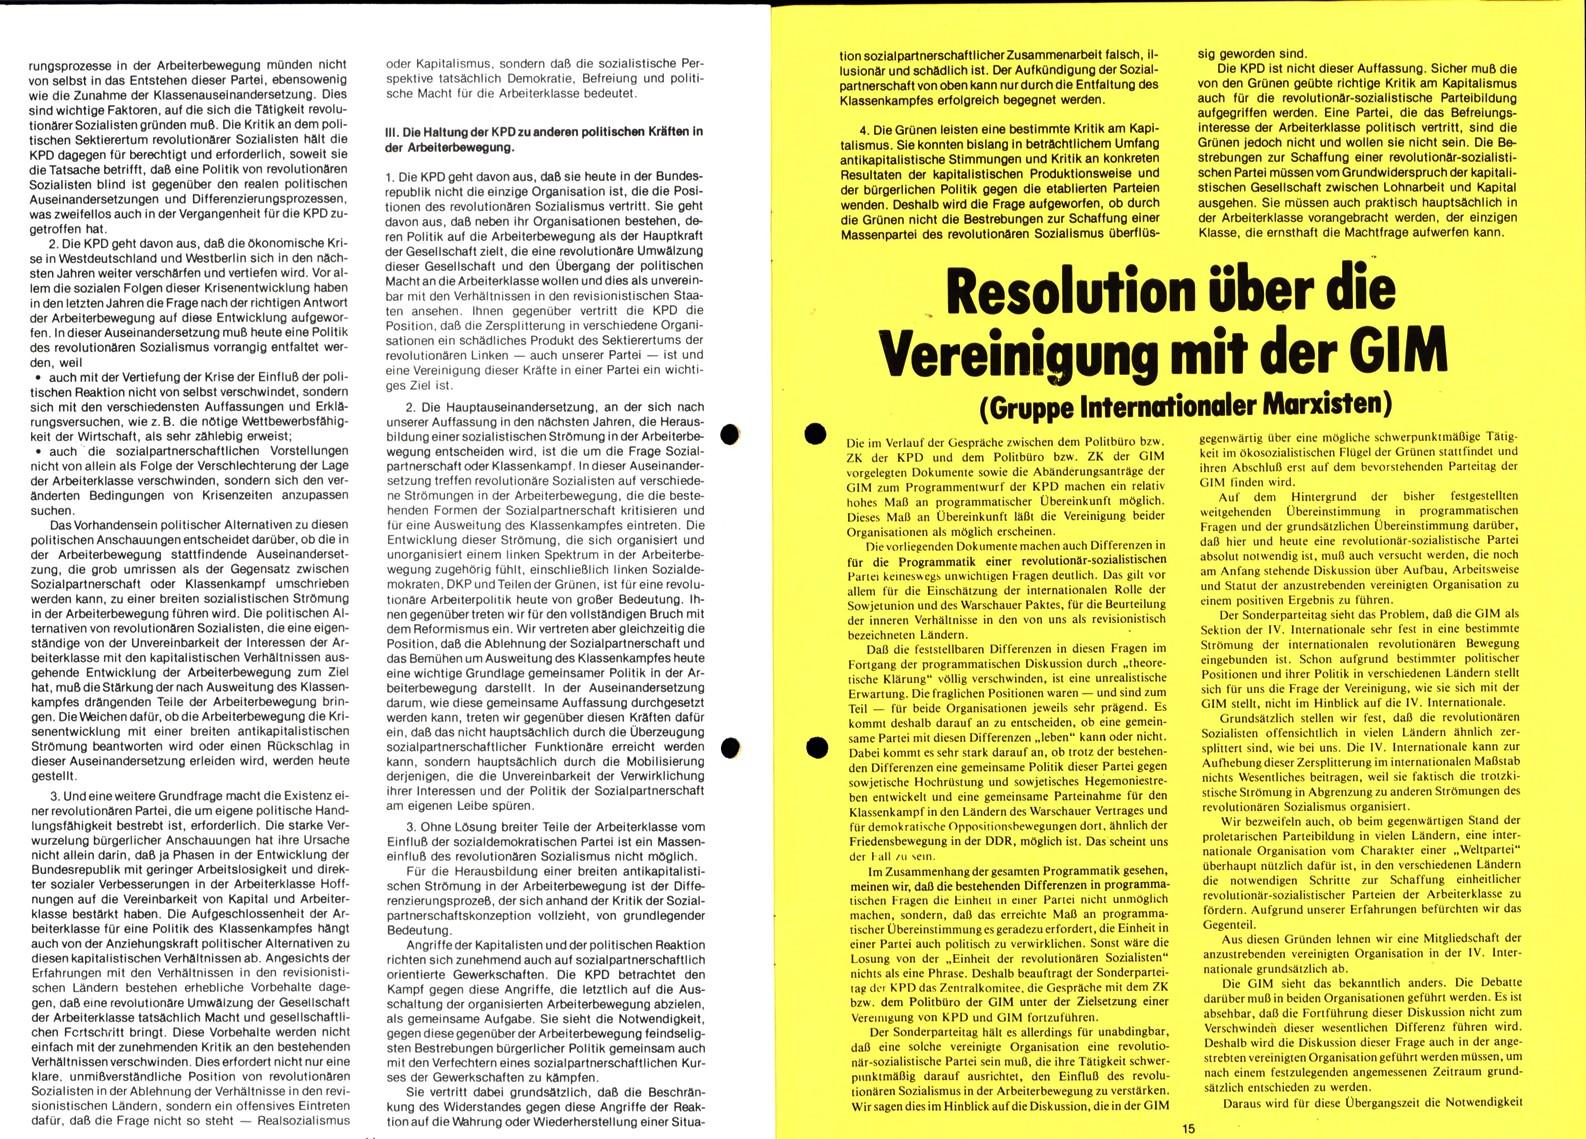 KPDML_1985_Dokumente_vom_Sonderparteitag_08